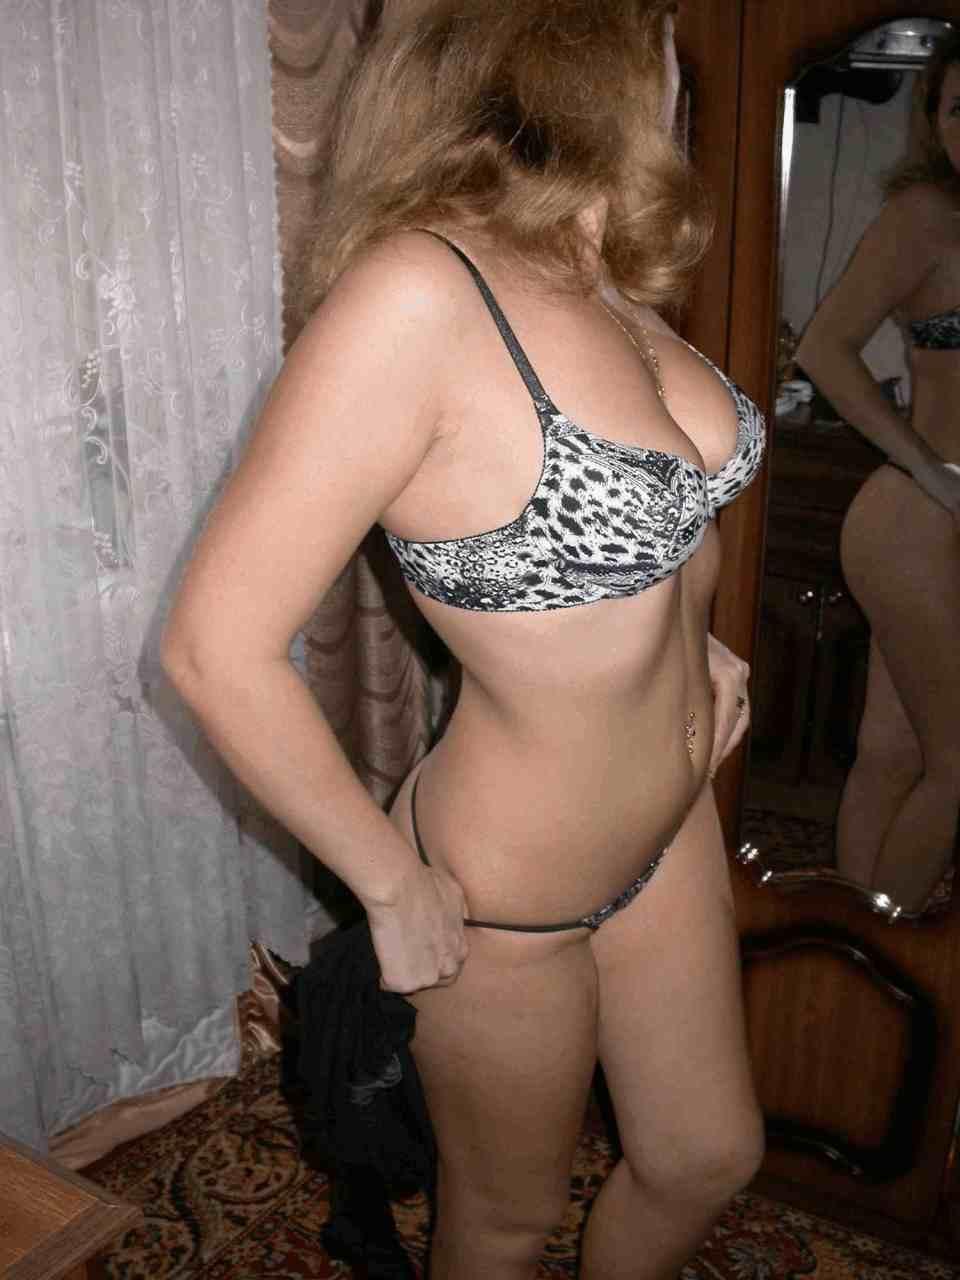 Русская женщина за 40 в нижнем белье фото 11 фотография